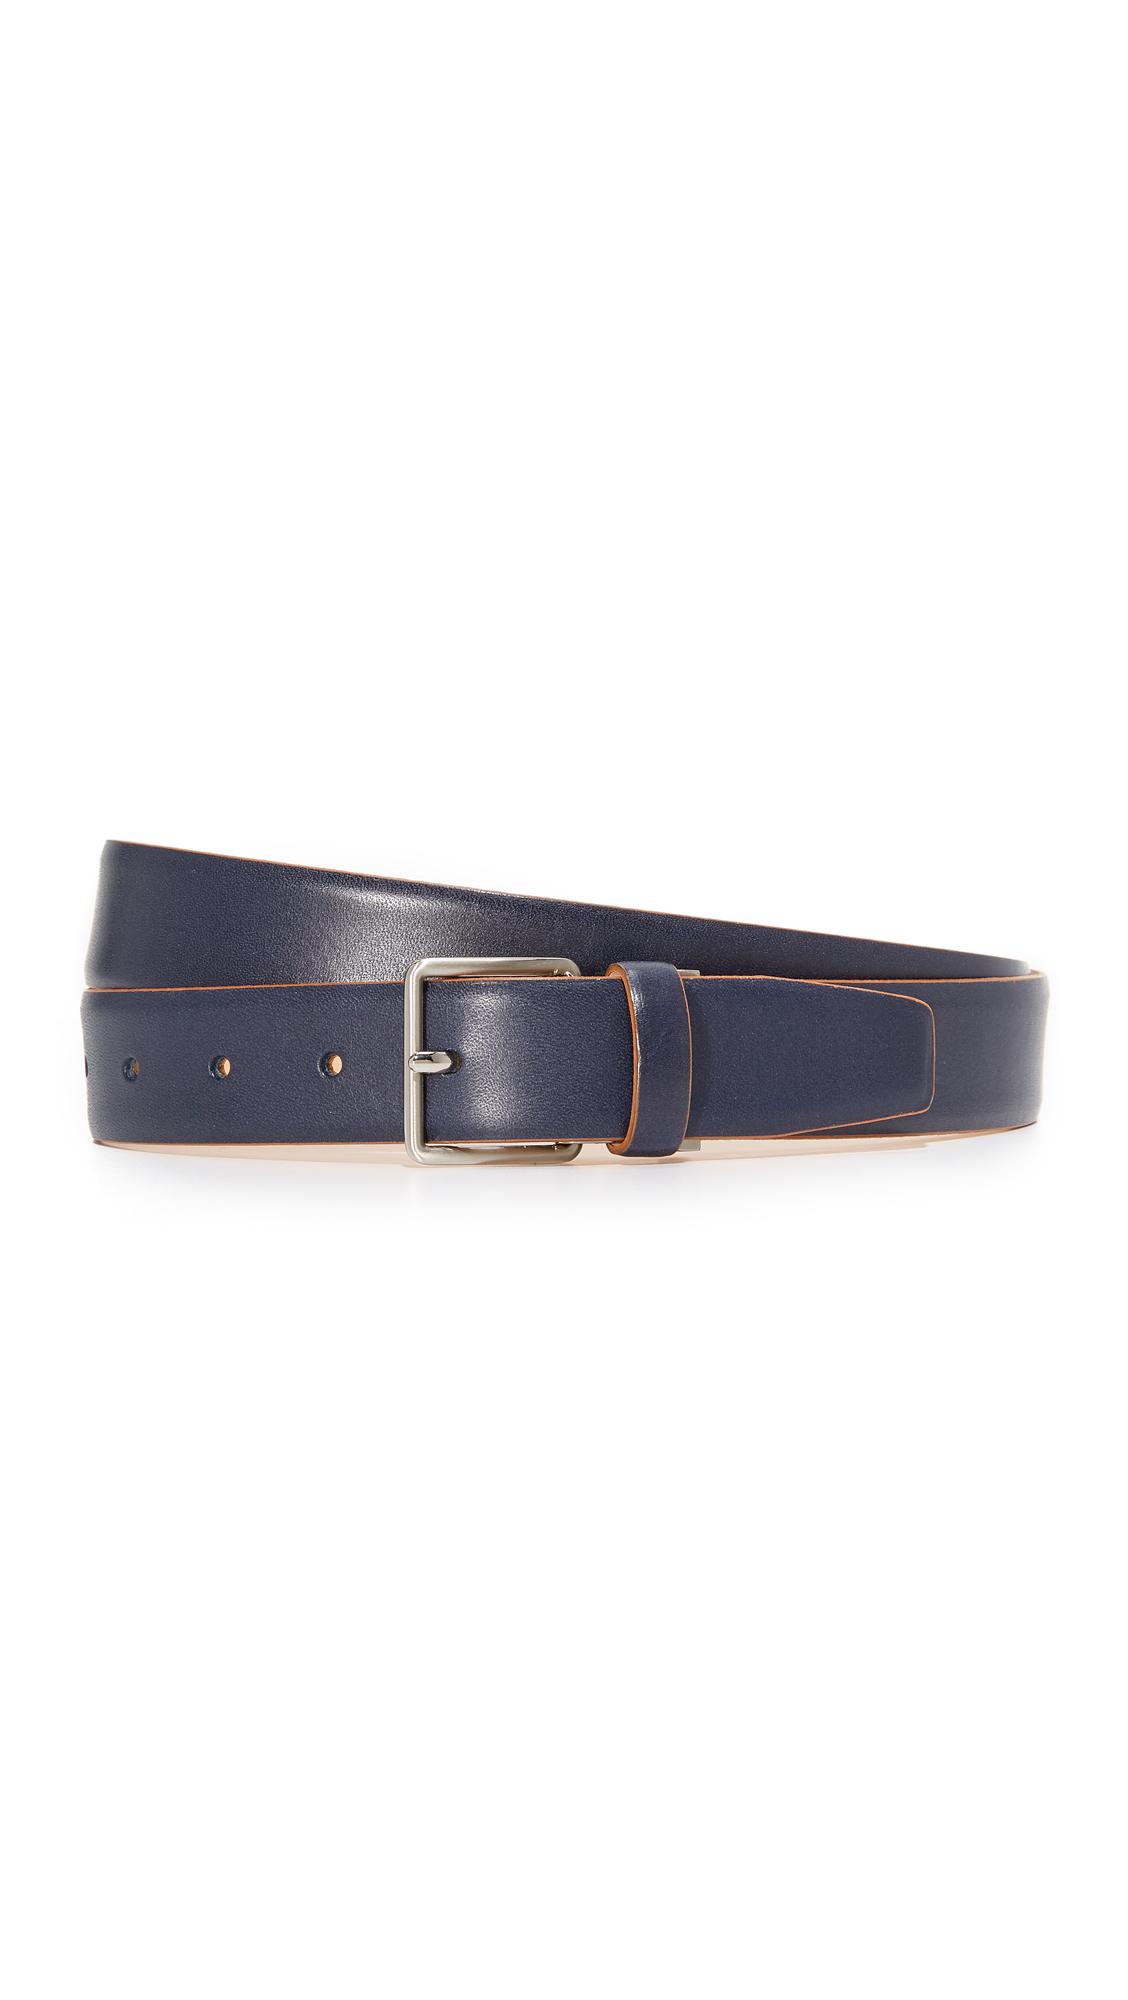 Acne Studios Aryx Leather Belt - Navy